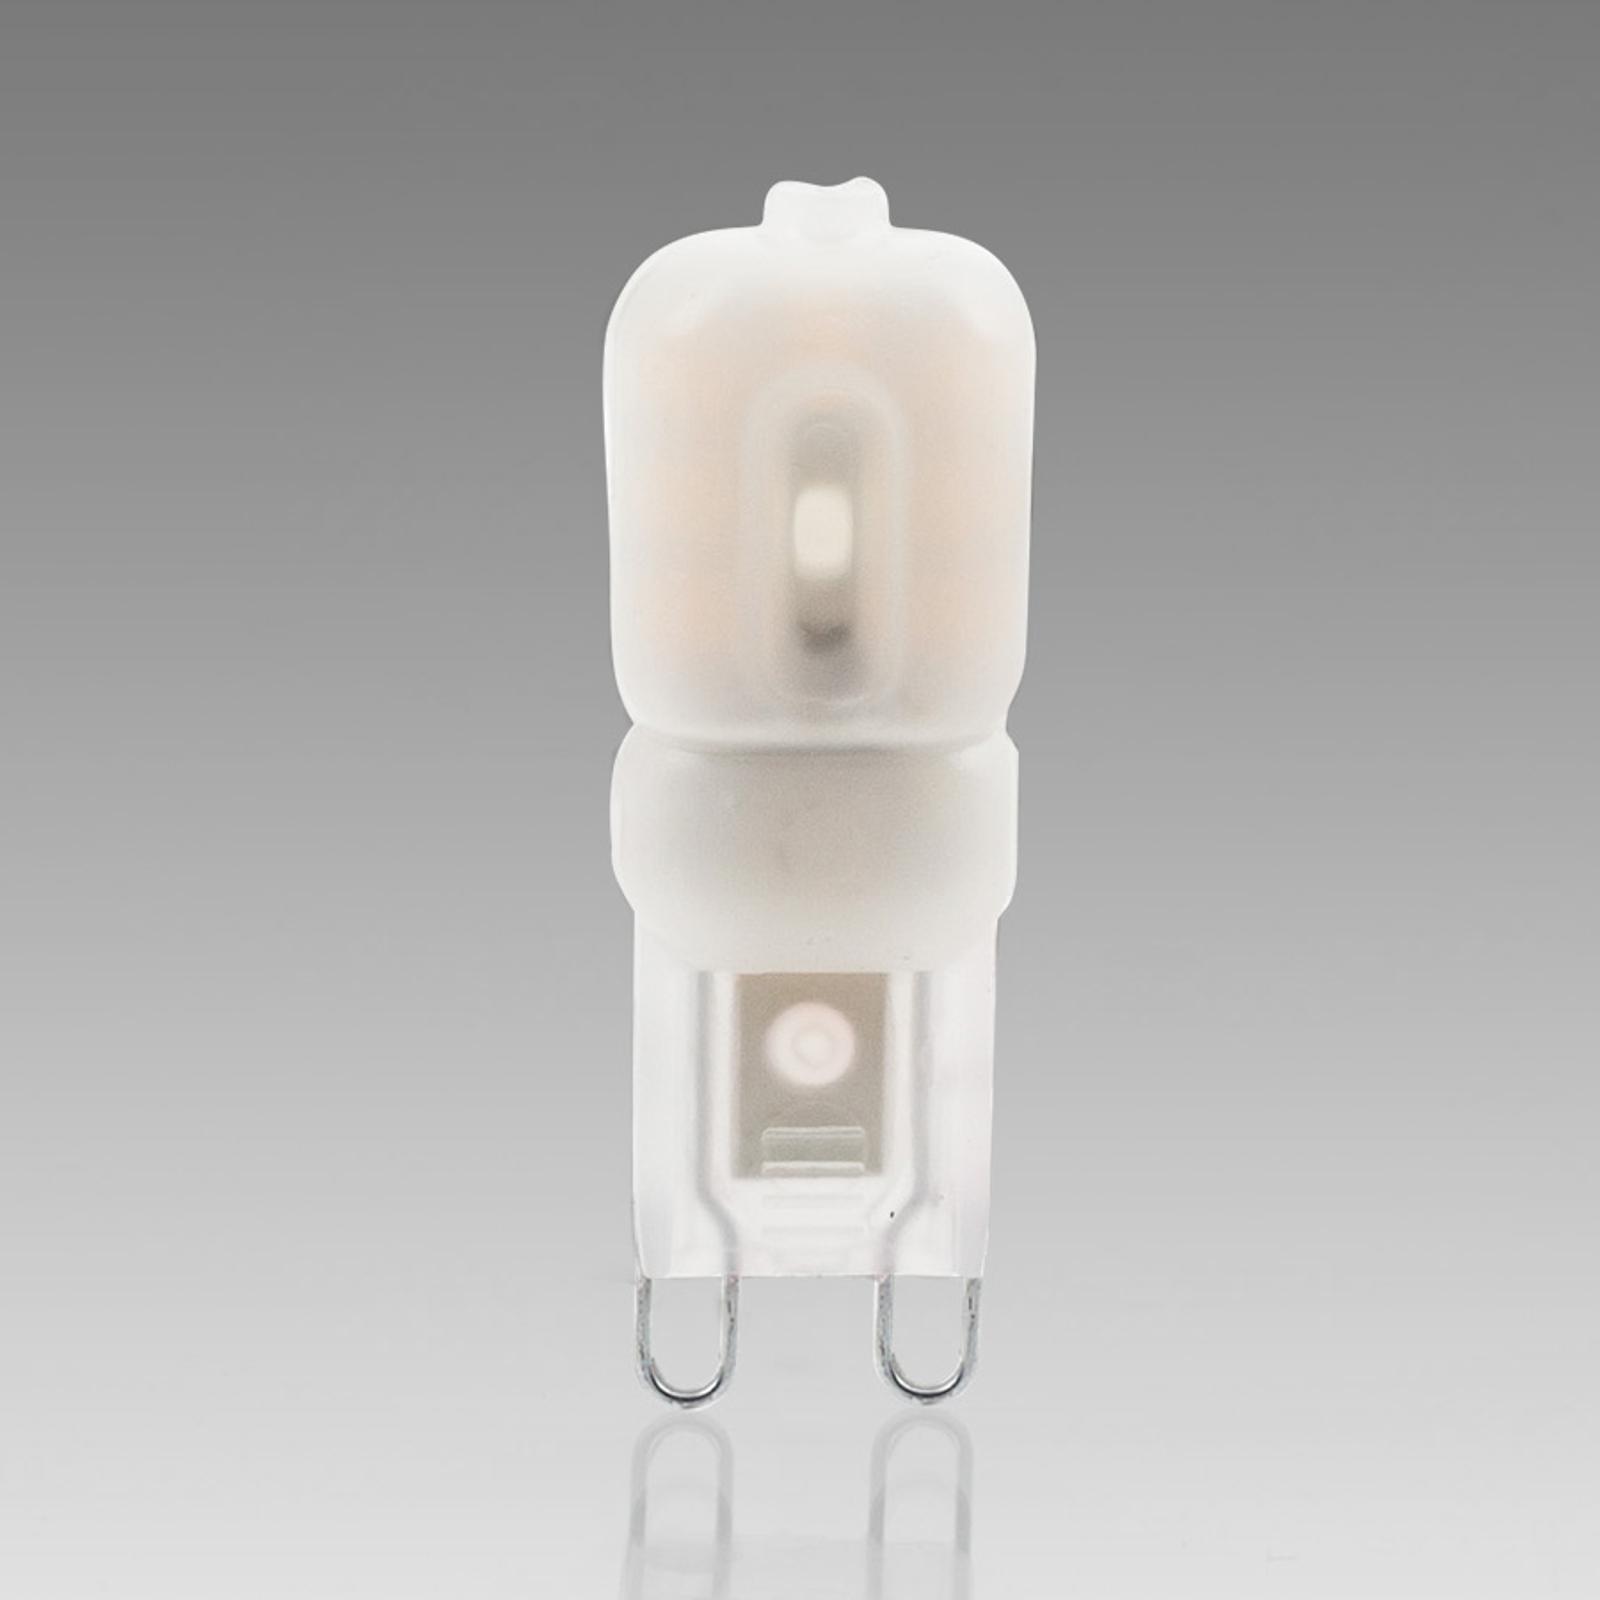 LED-nastakantalamppu G9 2,5W 830 opaali